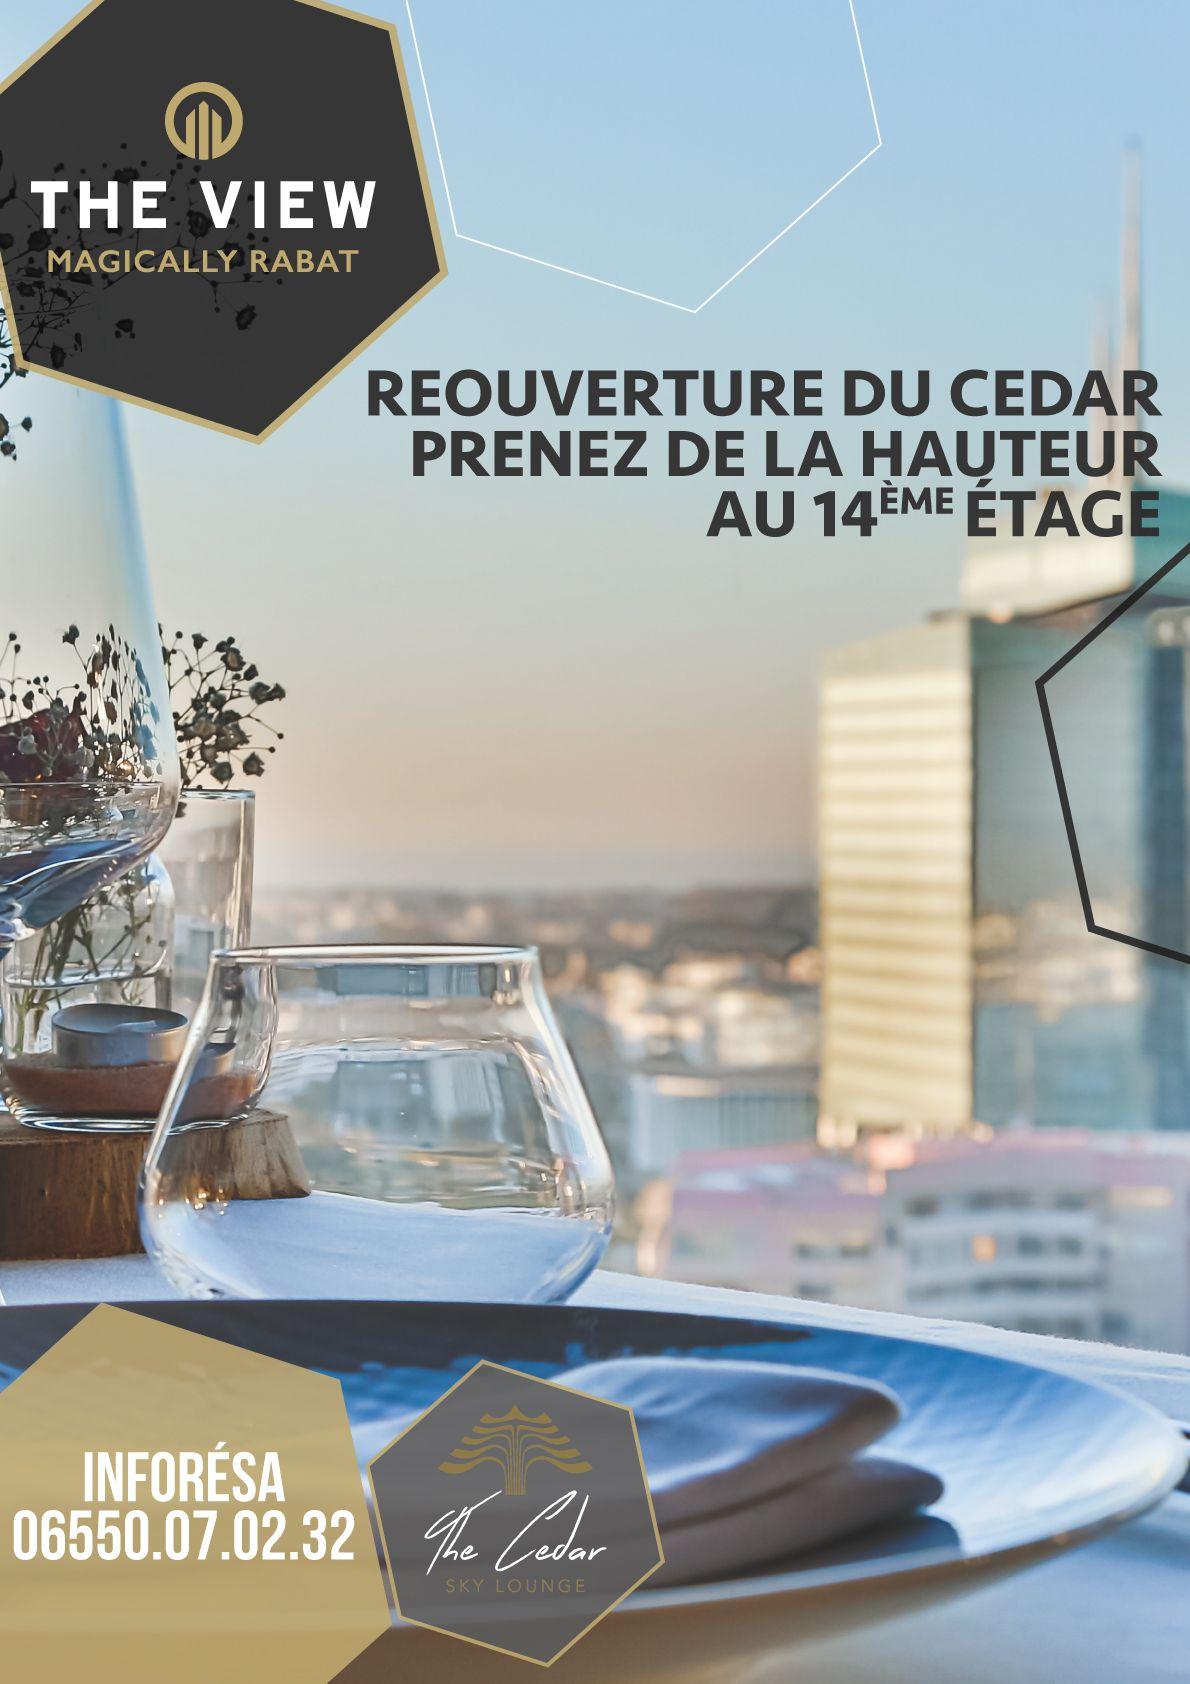 The View- Campagne Réouverture du Cedar